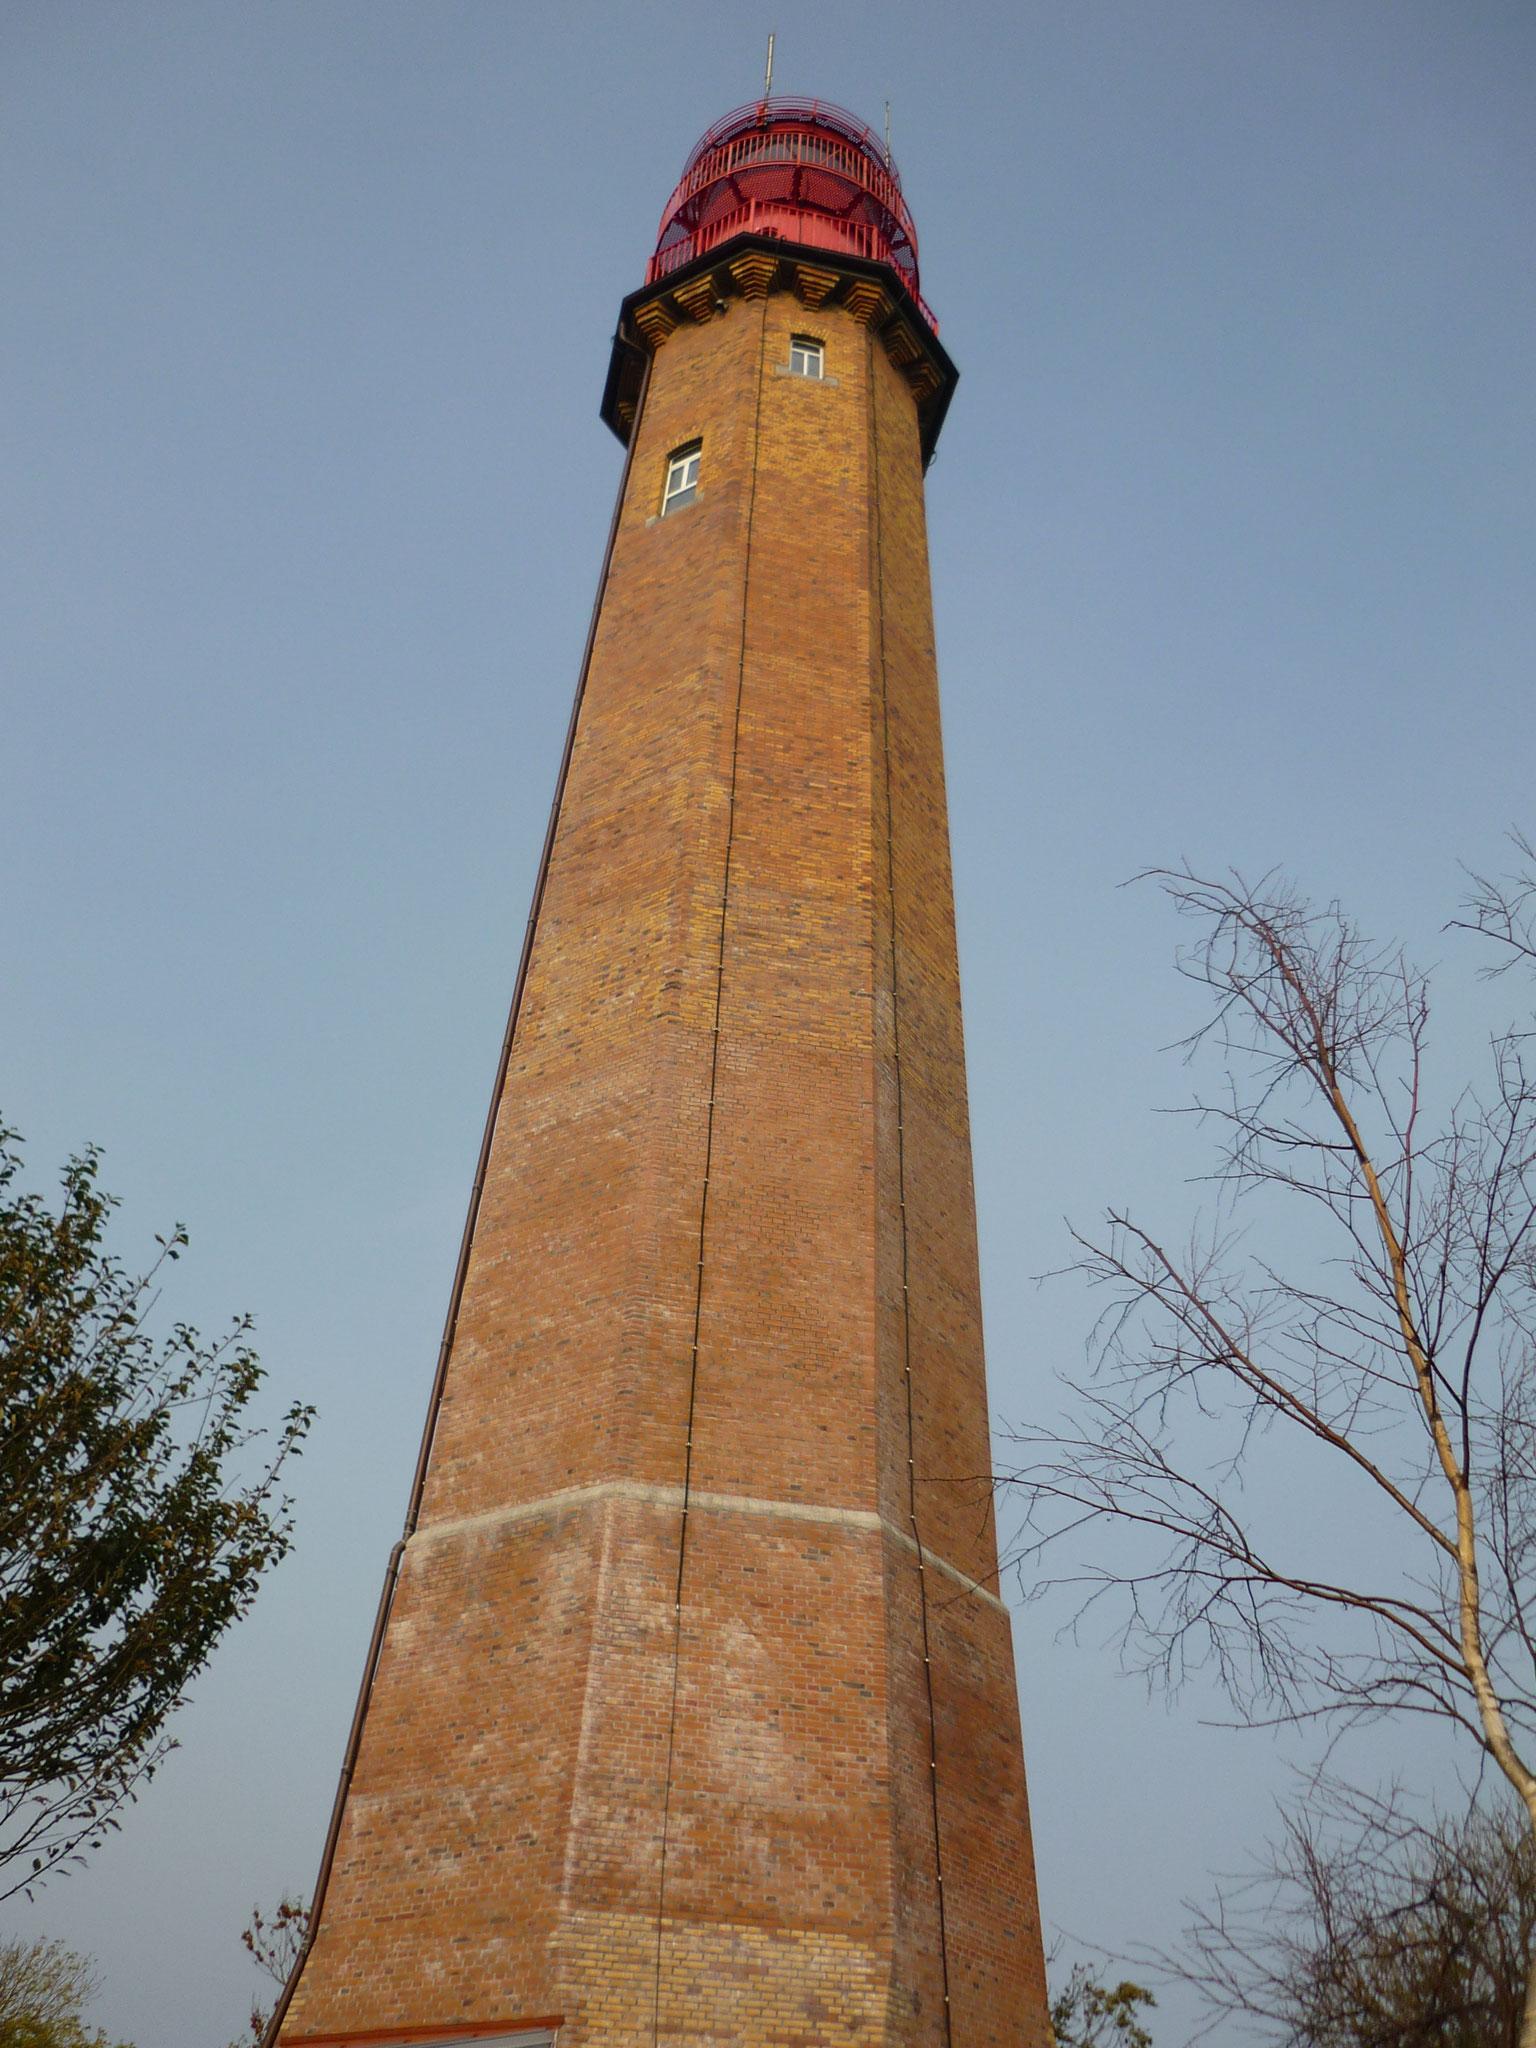 Leuchtturm auf Fehmarn (Flügge) - ganz schön hoch